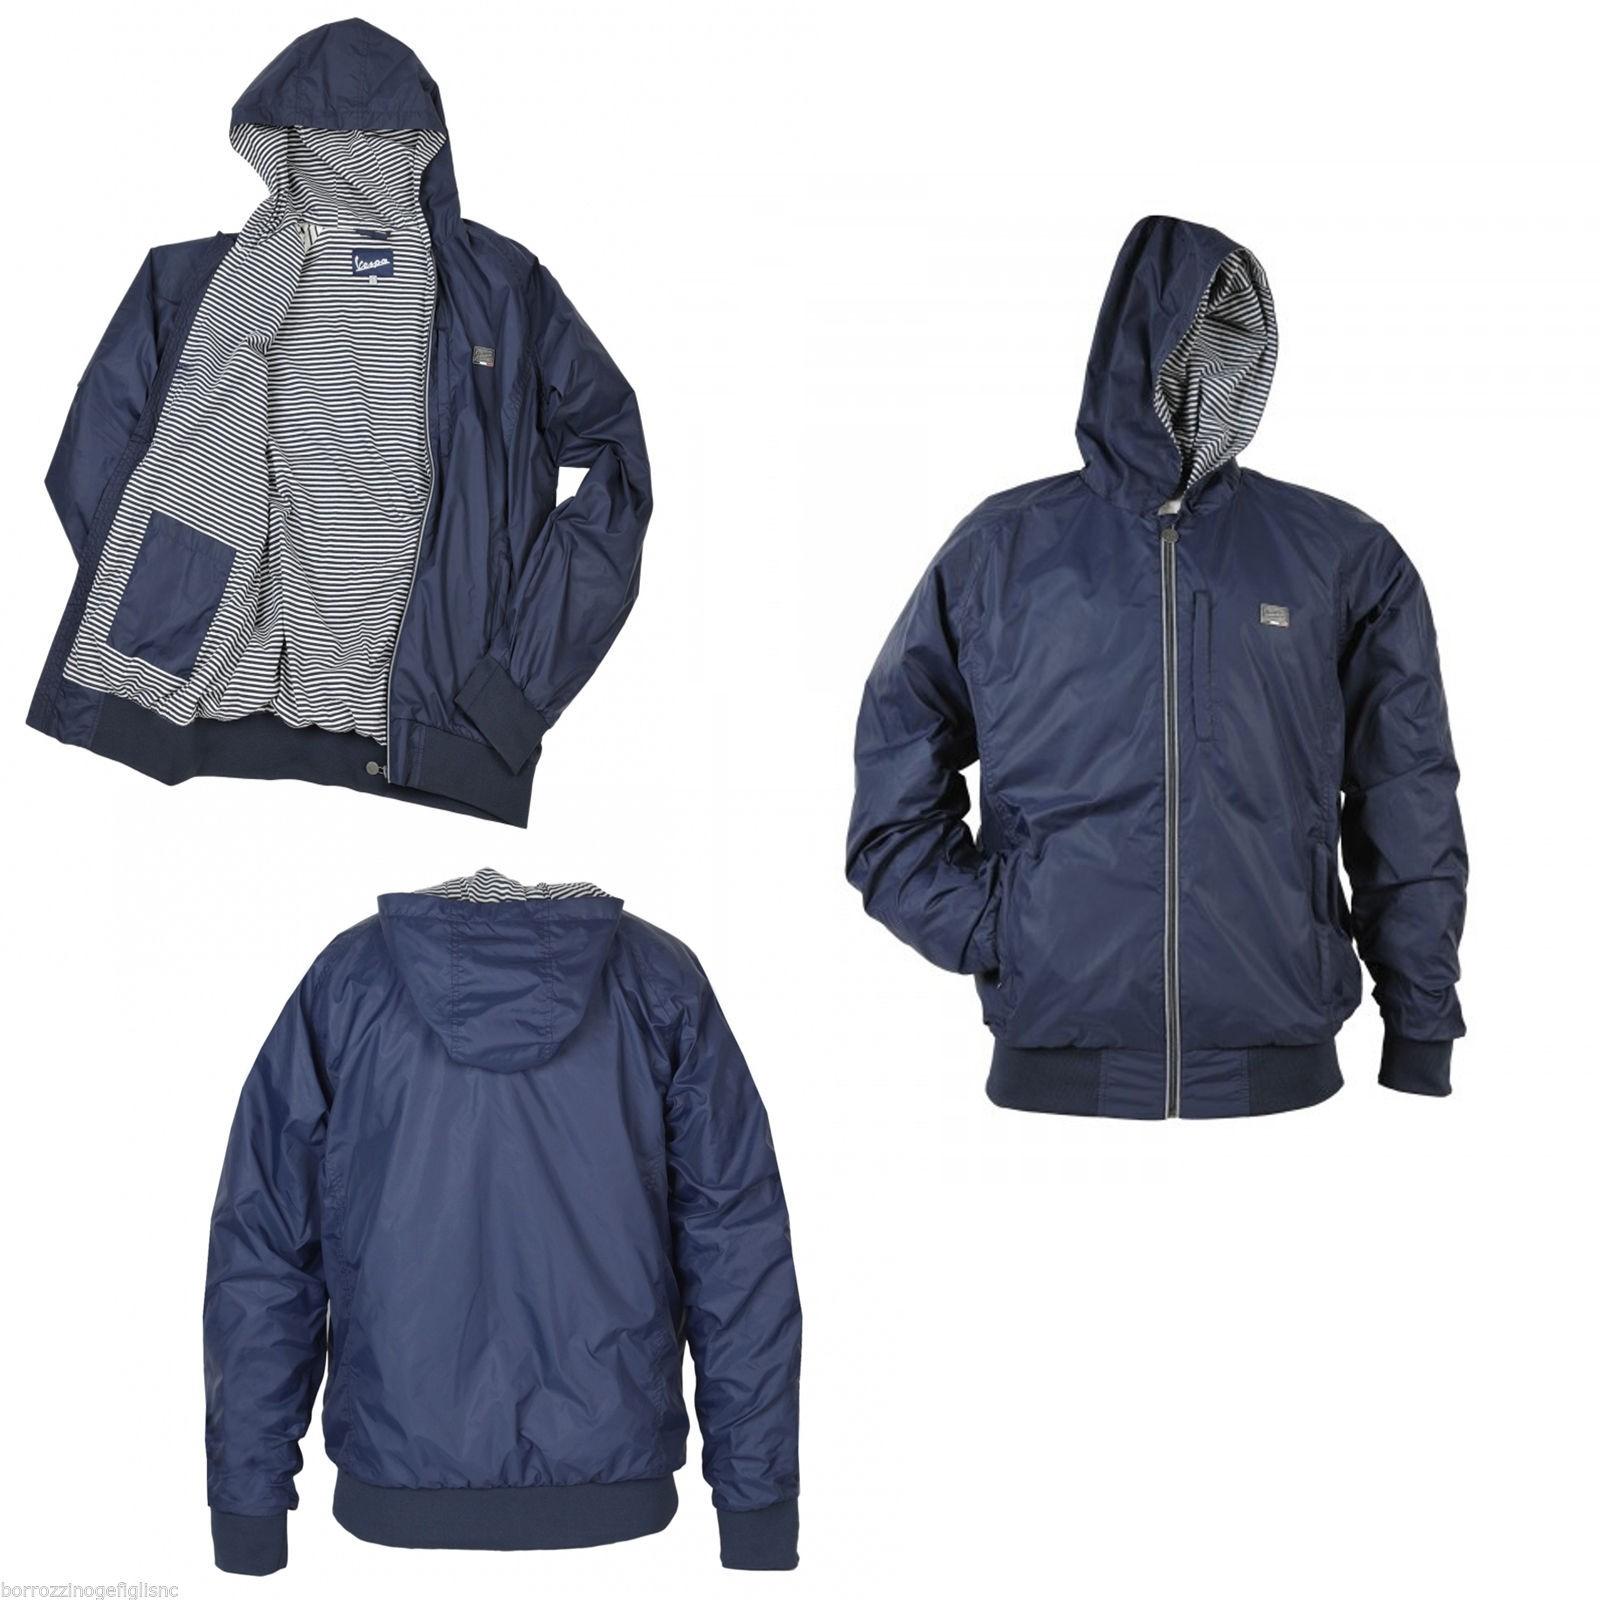 new product ad3e3 55b22 GIACCA A VENTO UNISEX ORIGINALE VESPA COL. BLU - Borrozzino Shop